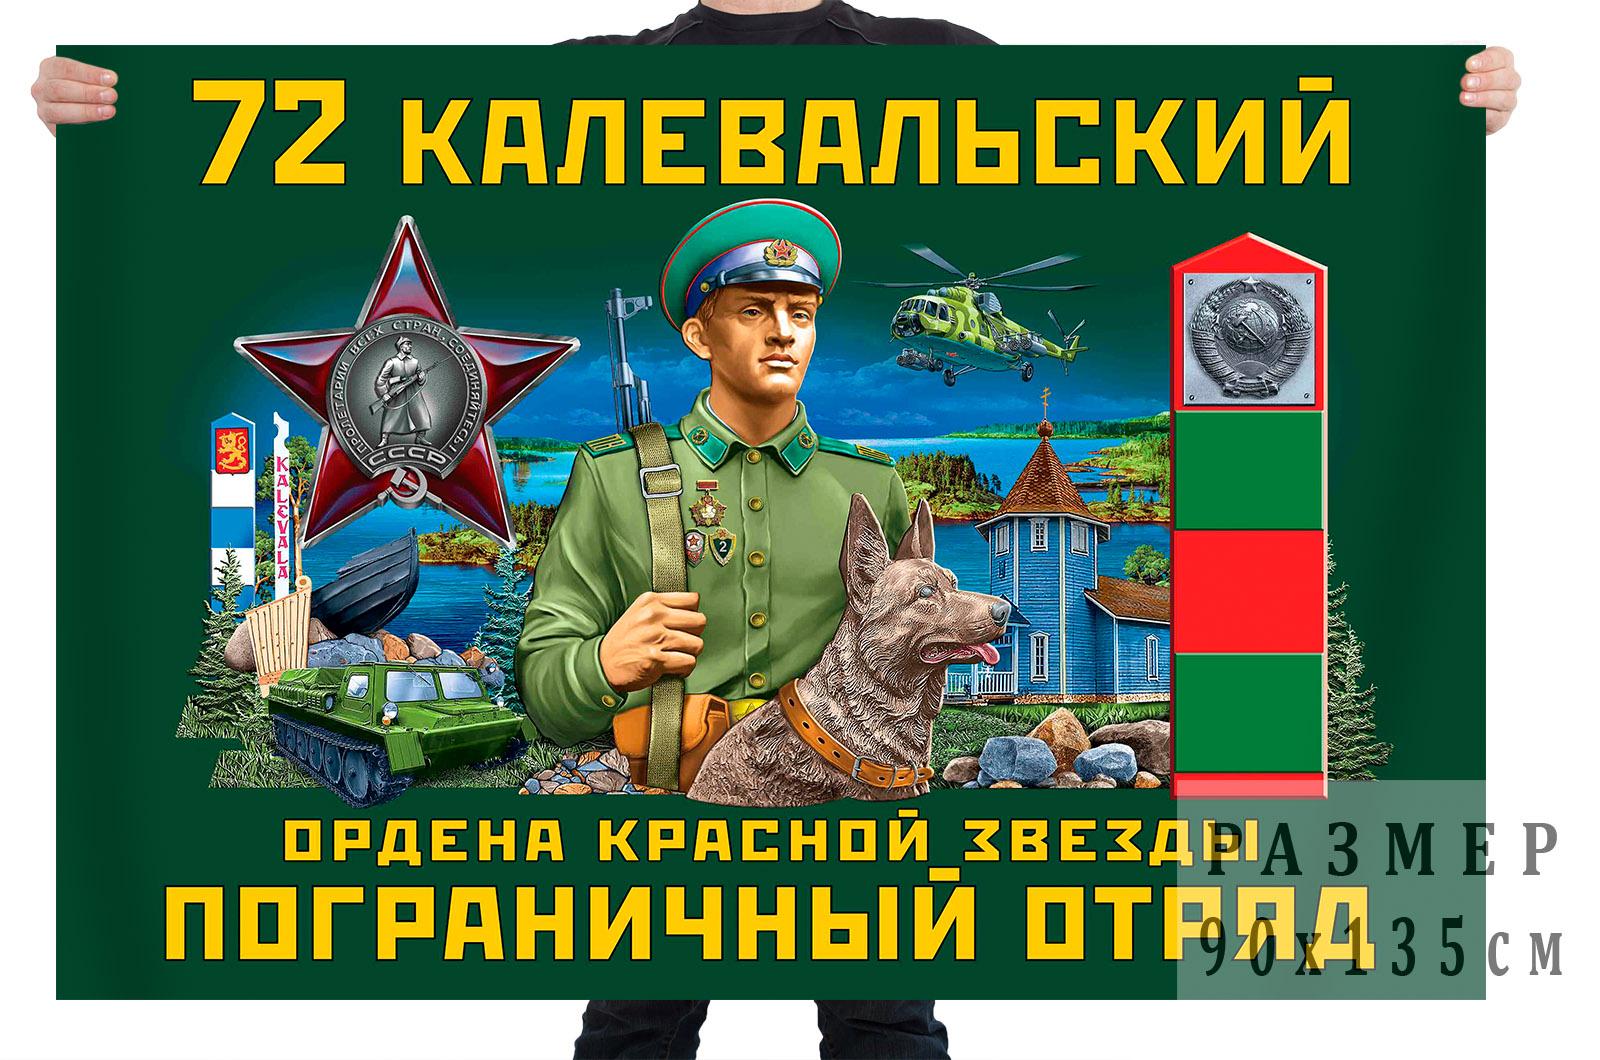 Флаг 72 Калевальский ордена Красной звезды пограничный отряд